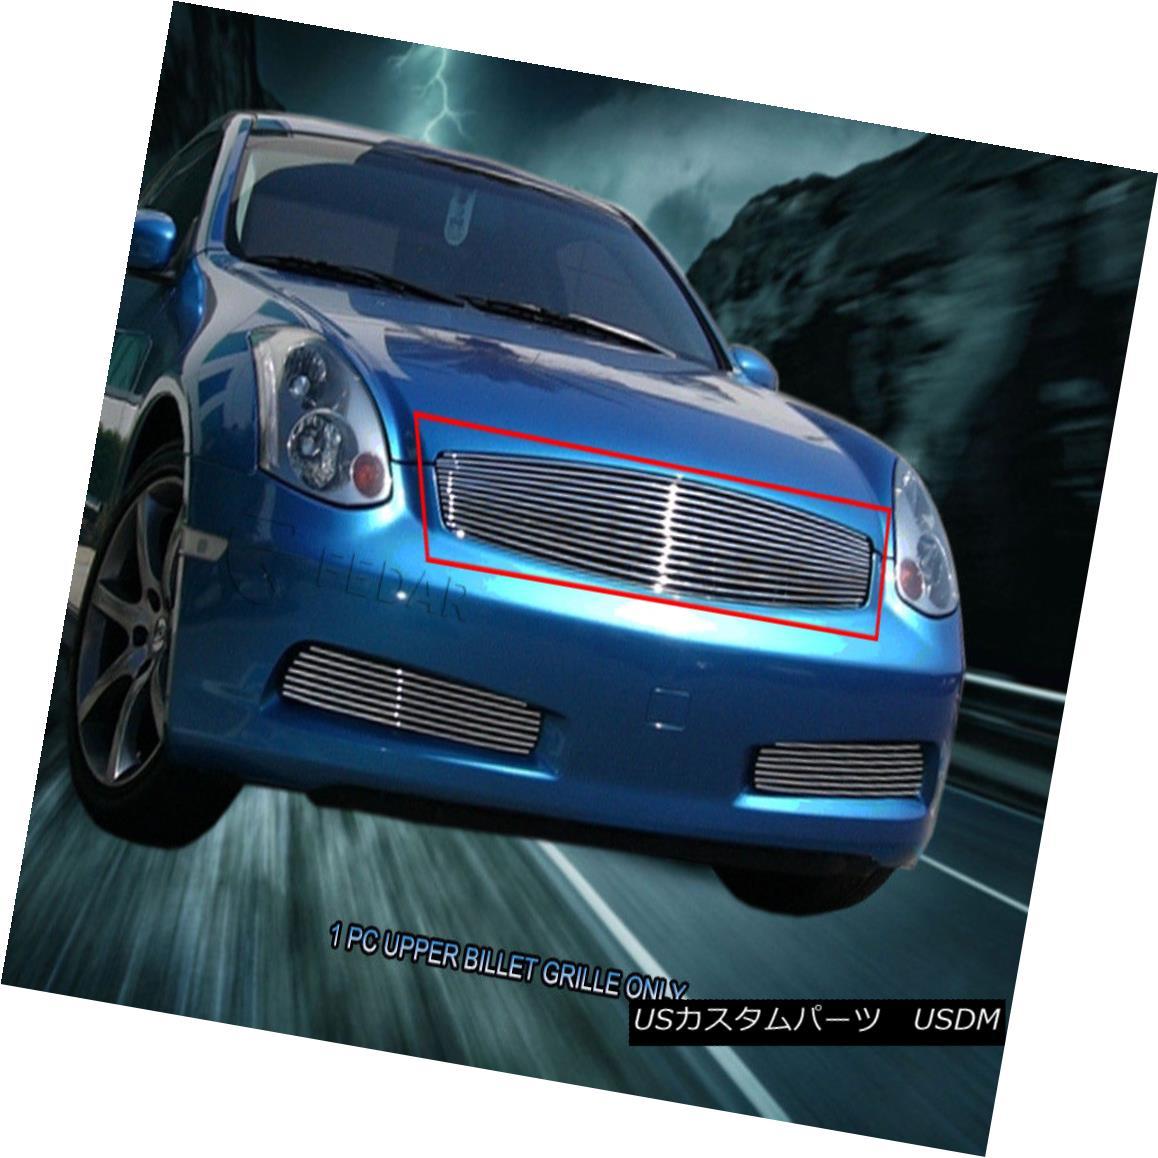 グリル Fedar Fits 2003-2007 Infiniti G35 Coupe Polished Main Upper Billet Grille Fedarは2003-2007年に適合するインフィニティG35クーペはメインアッパービレットグリルを研磨した